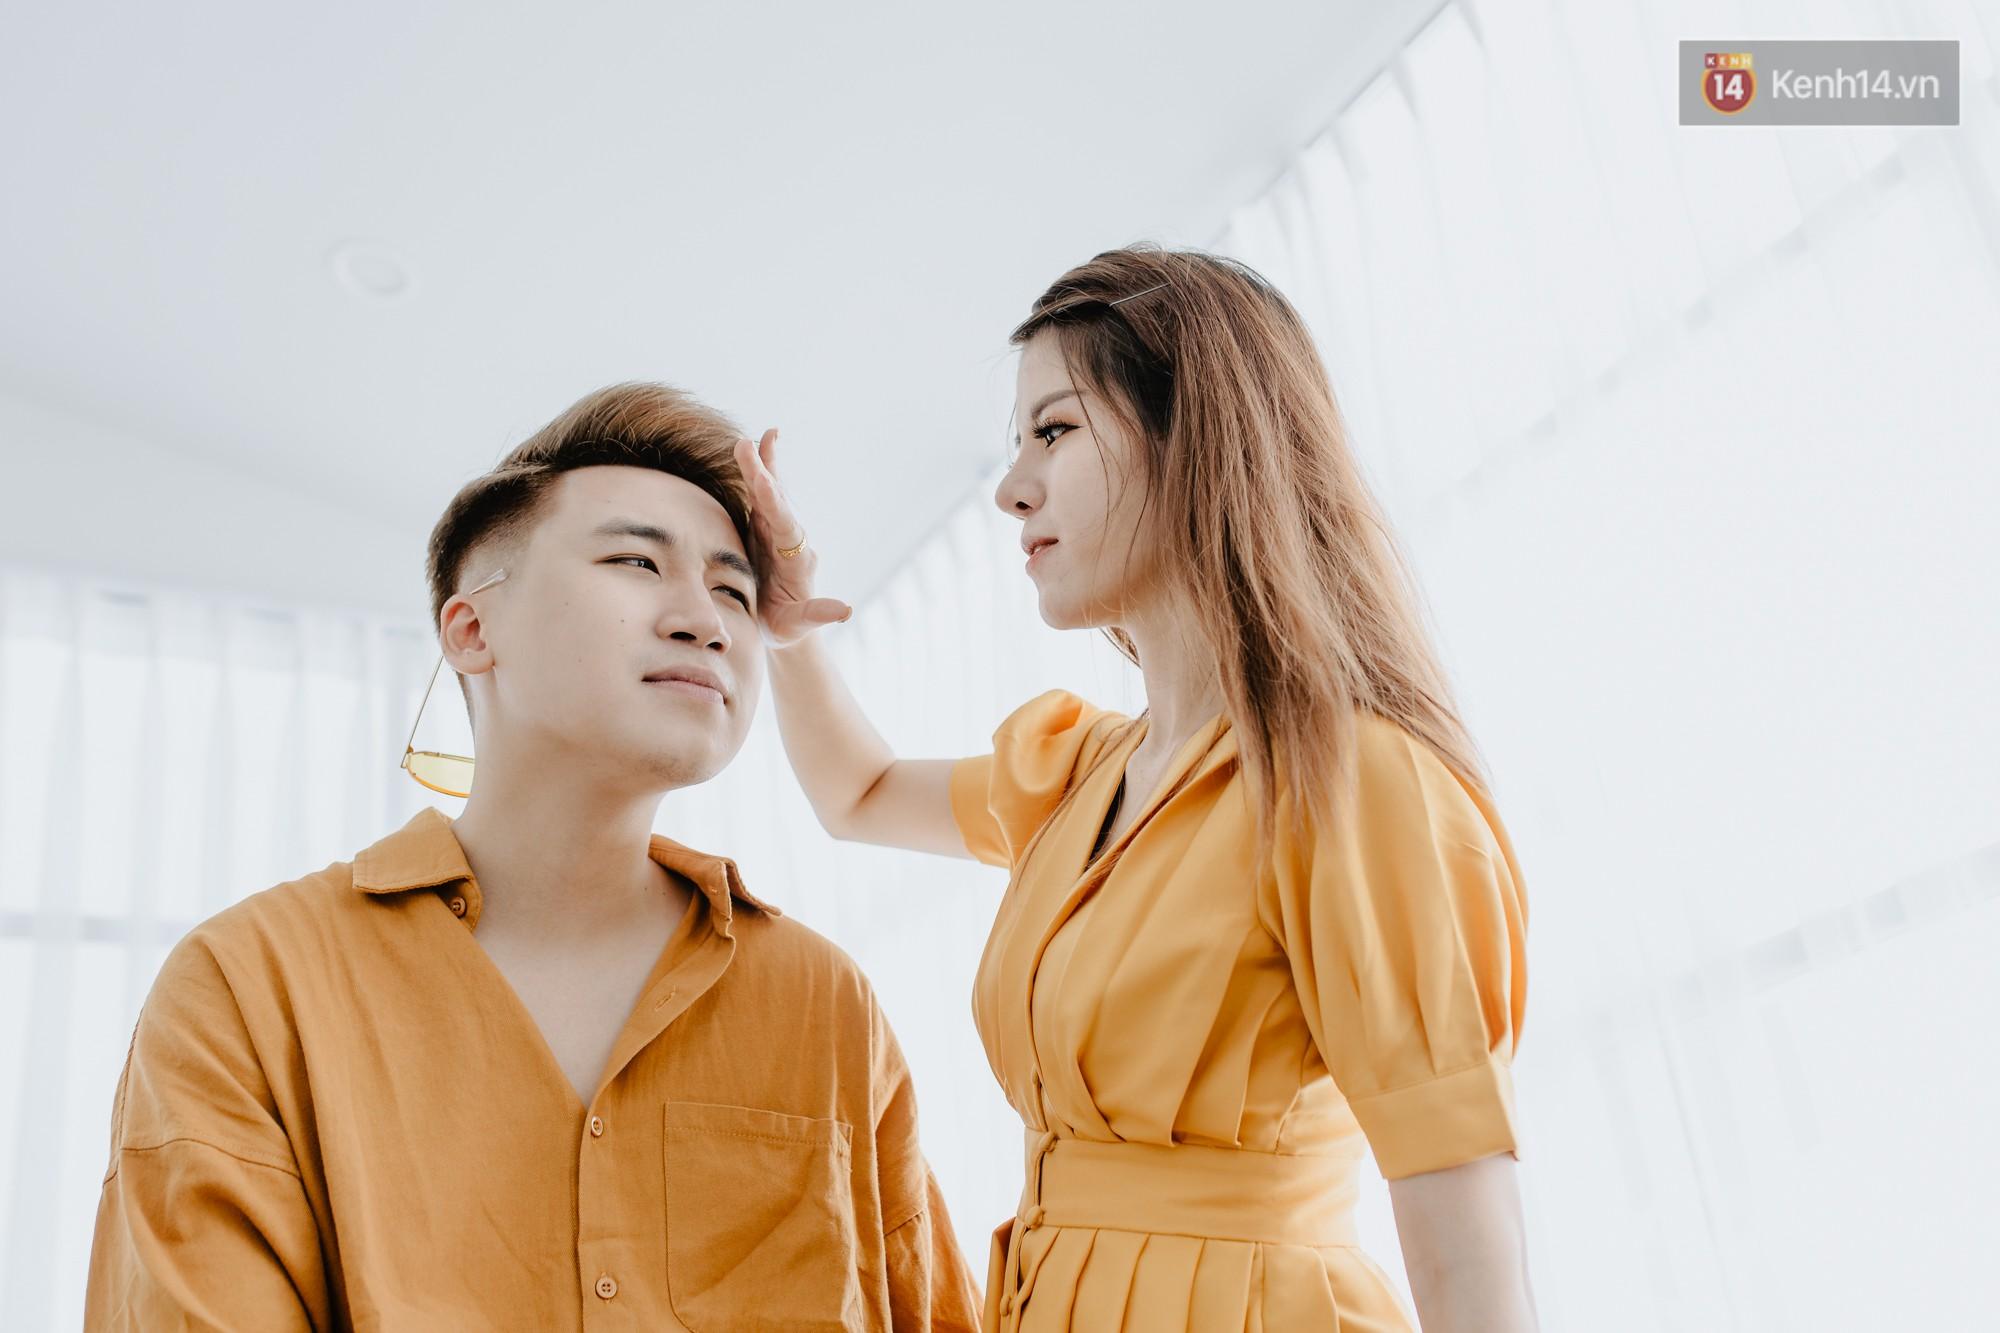 Huy Cung sau khi kết hôn: Đàn ông nên sợ vợ thì mới hạnh phúc được - Ảnh 13.